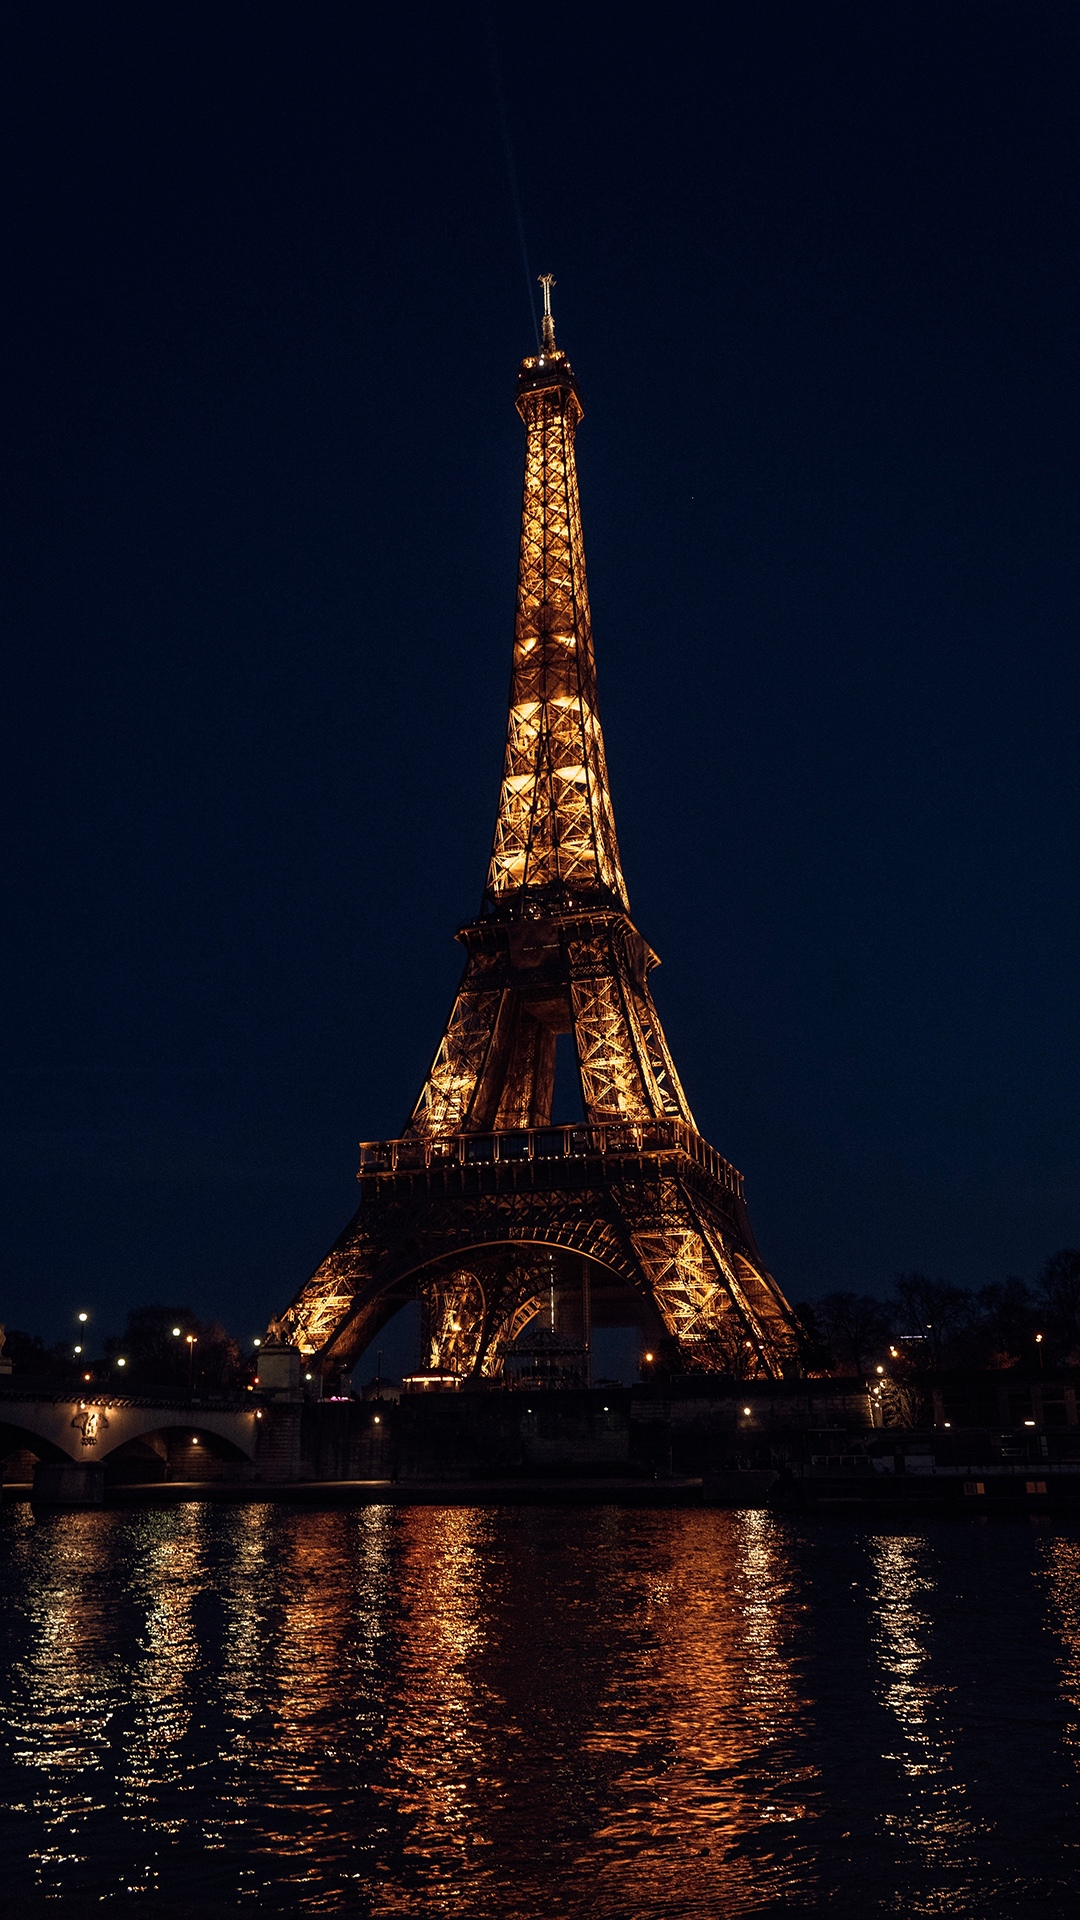 迷人的巴黎铁塔夜景手机壁纸图片